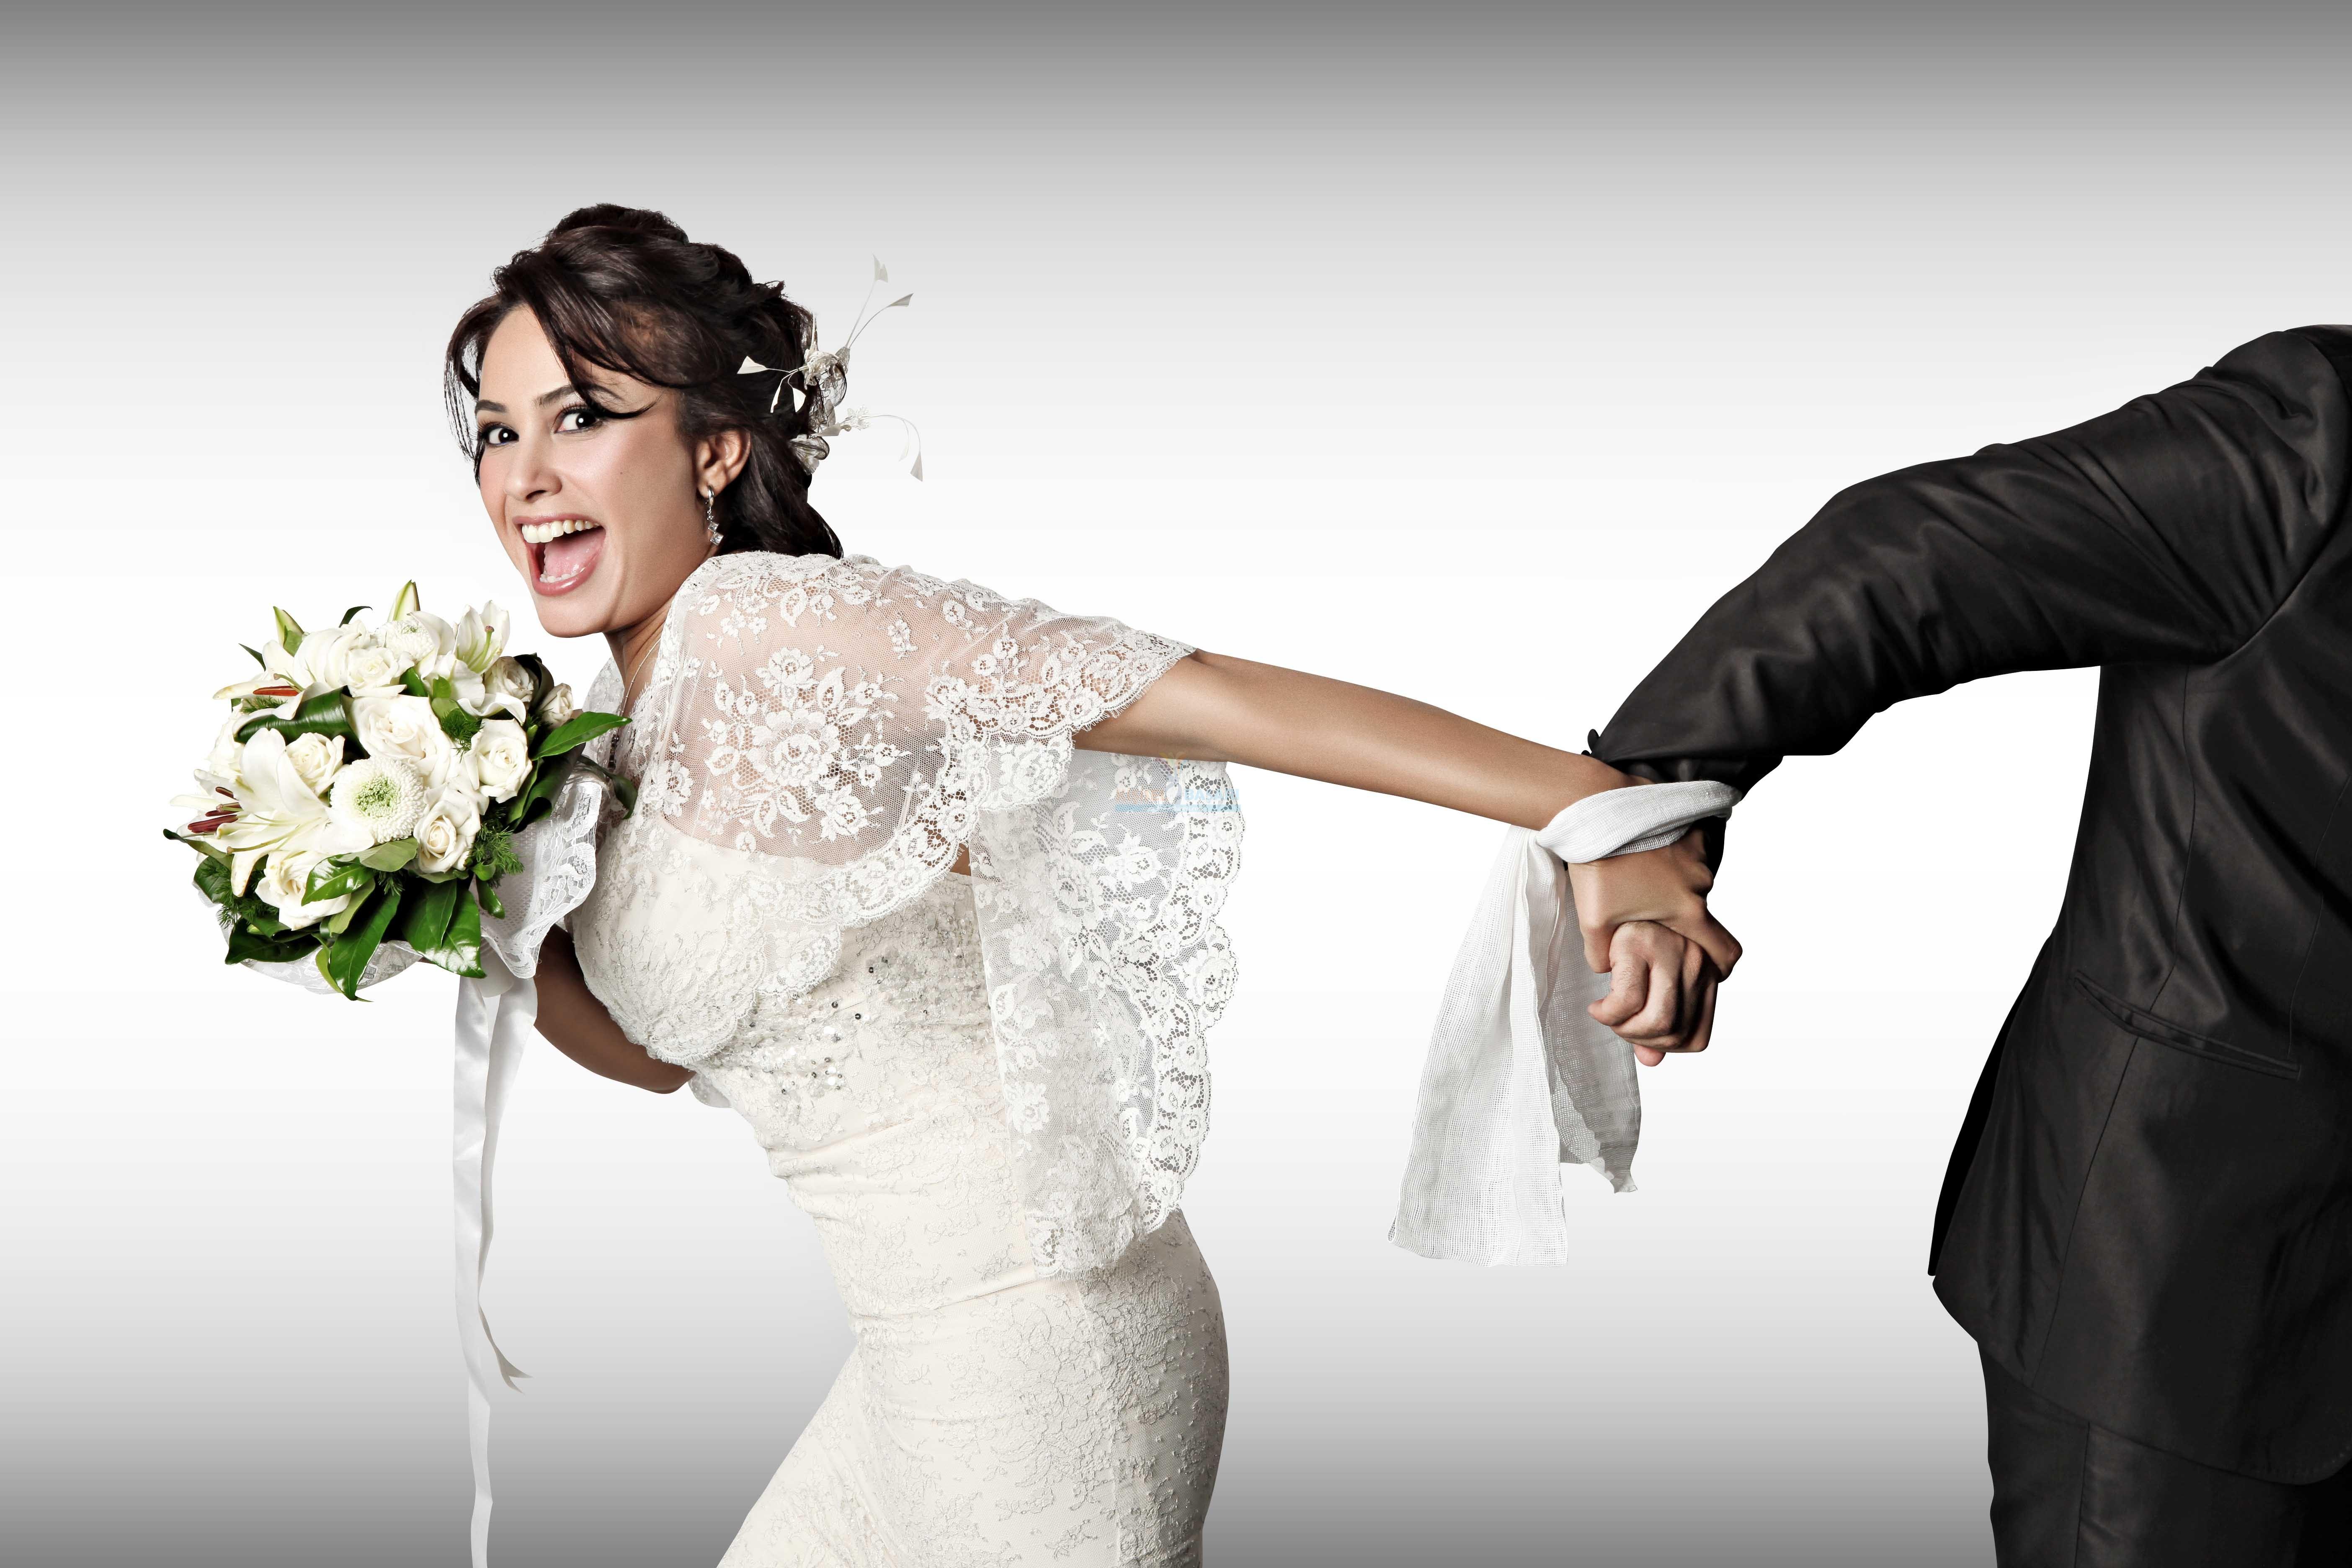 Evliliği daha kalıcı hale getirmek için ipuçları